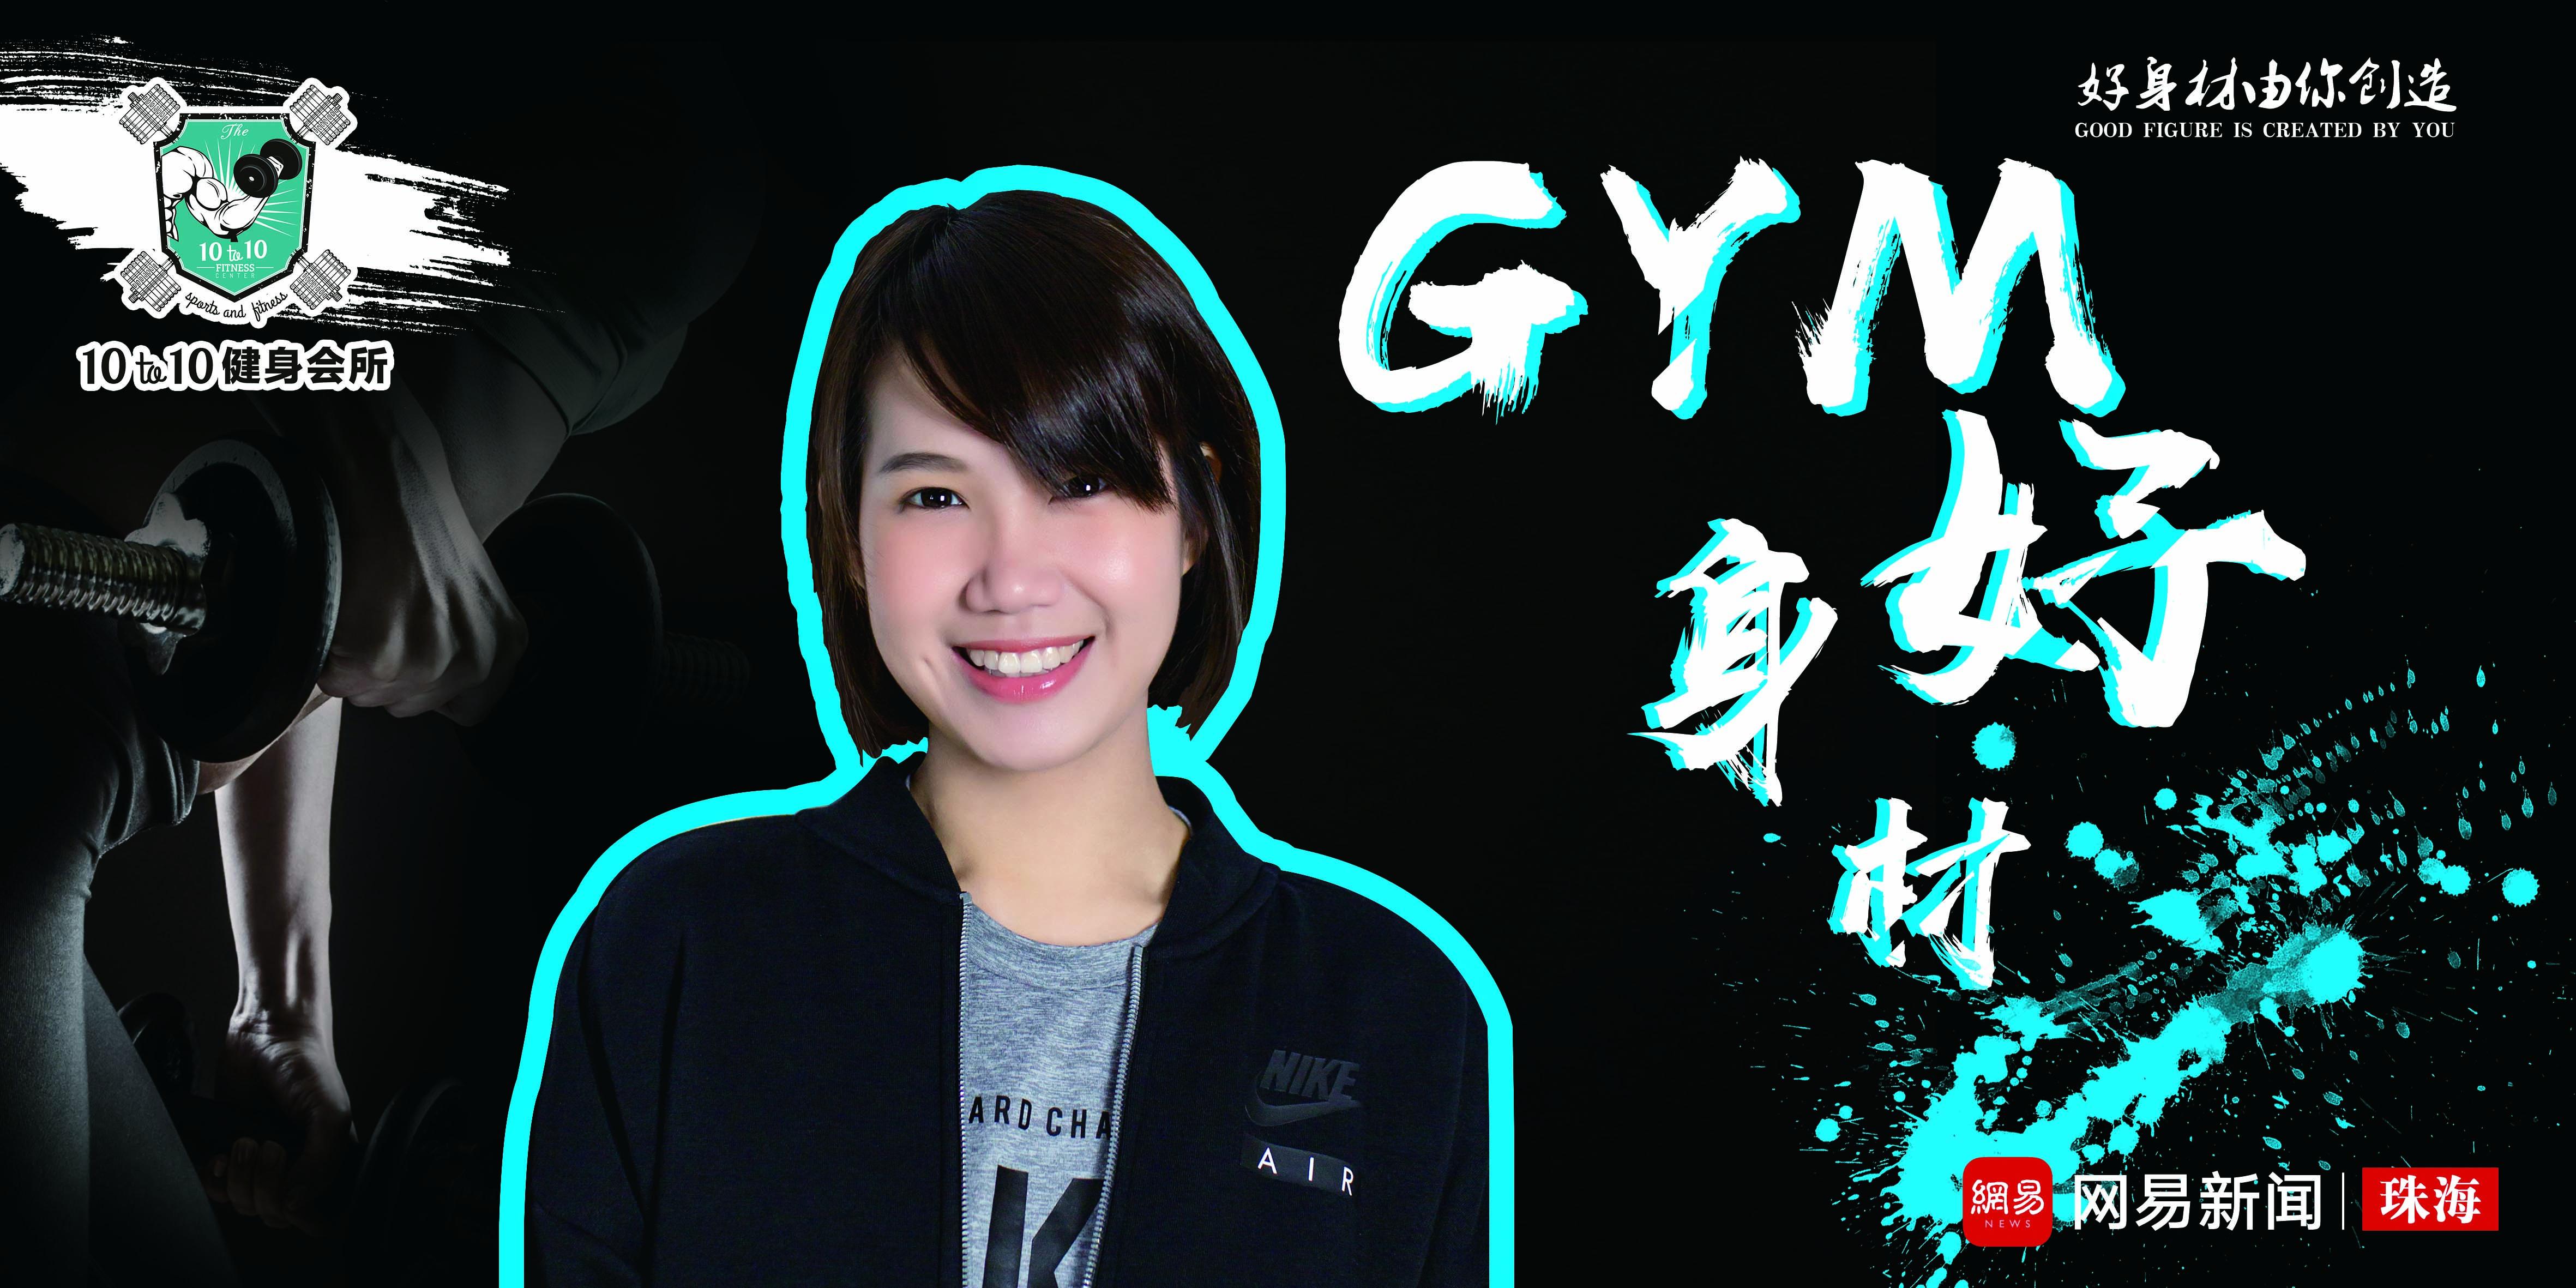 【Gym!好身材】第三期 办公室如何健身